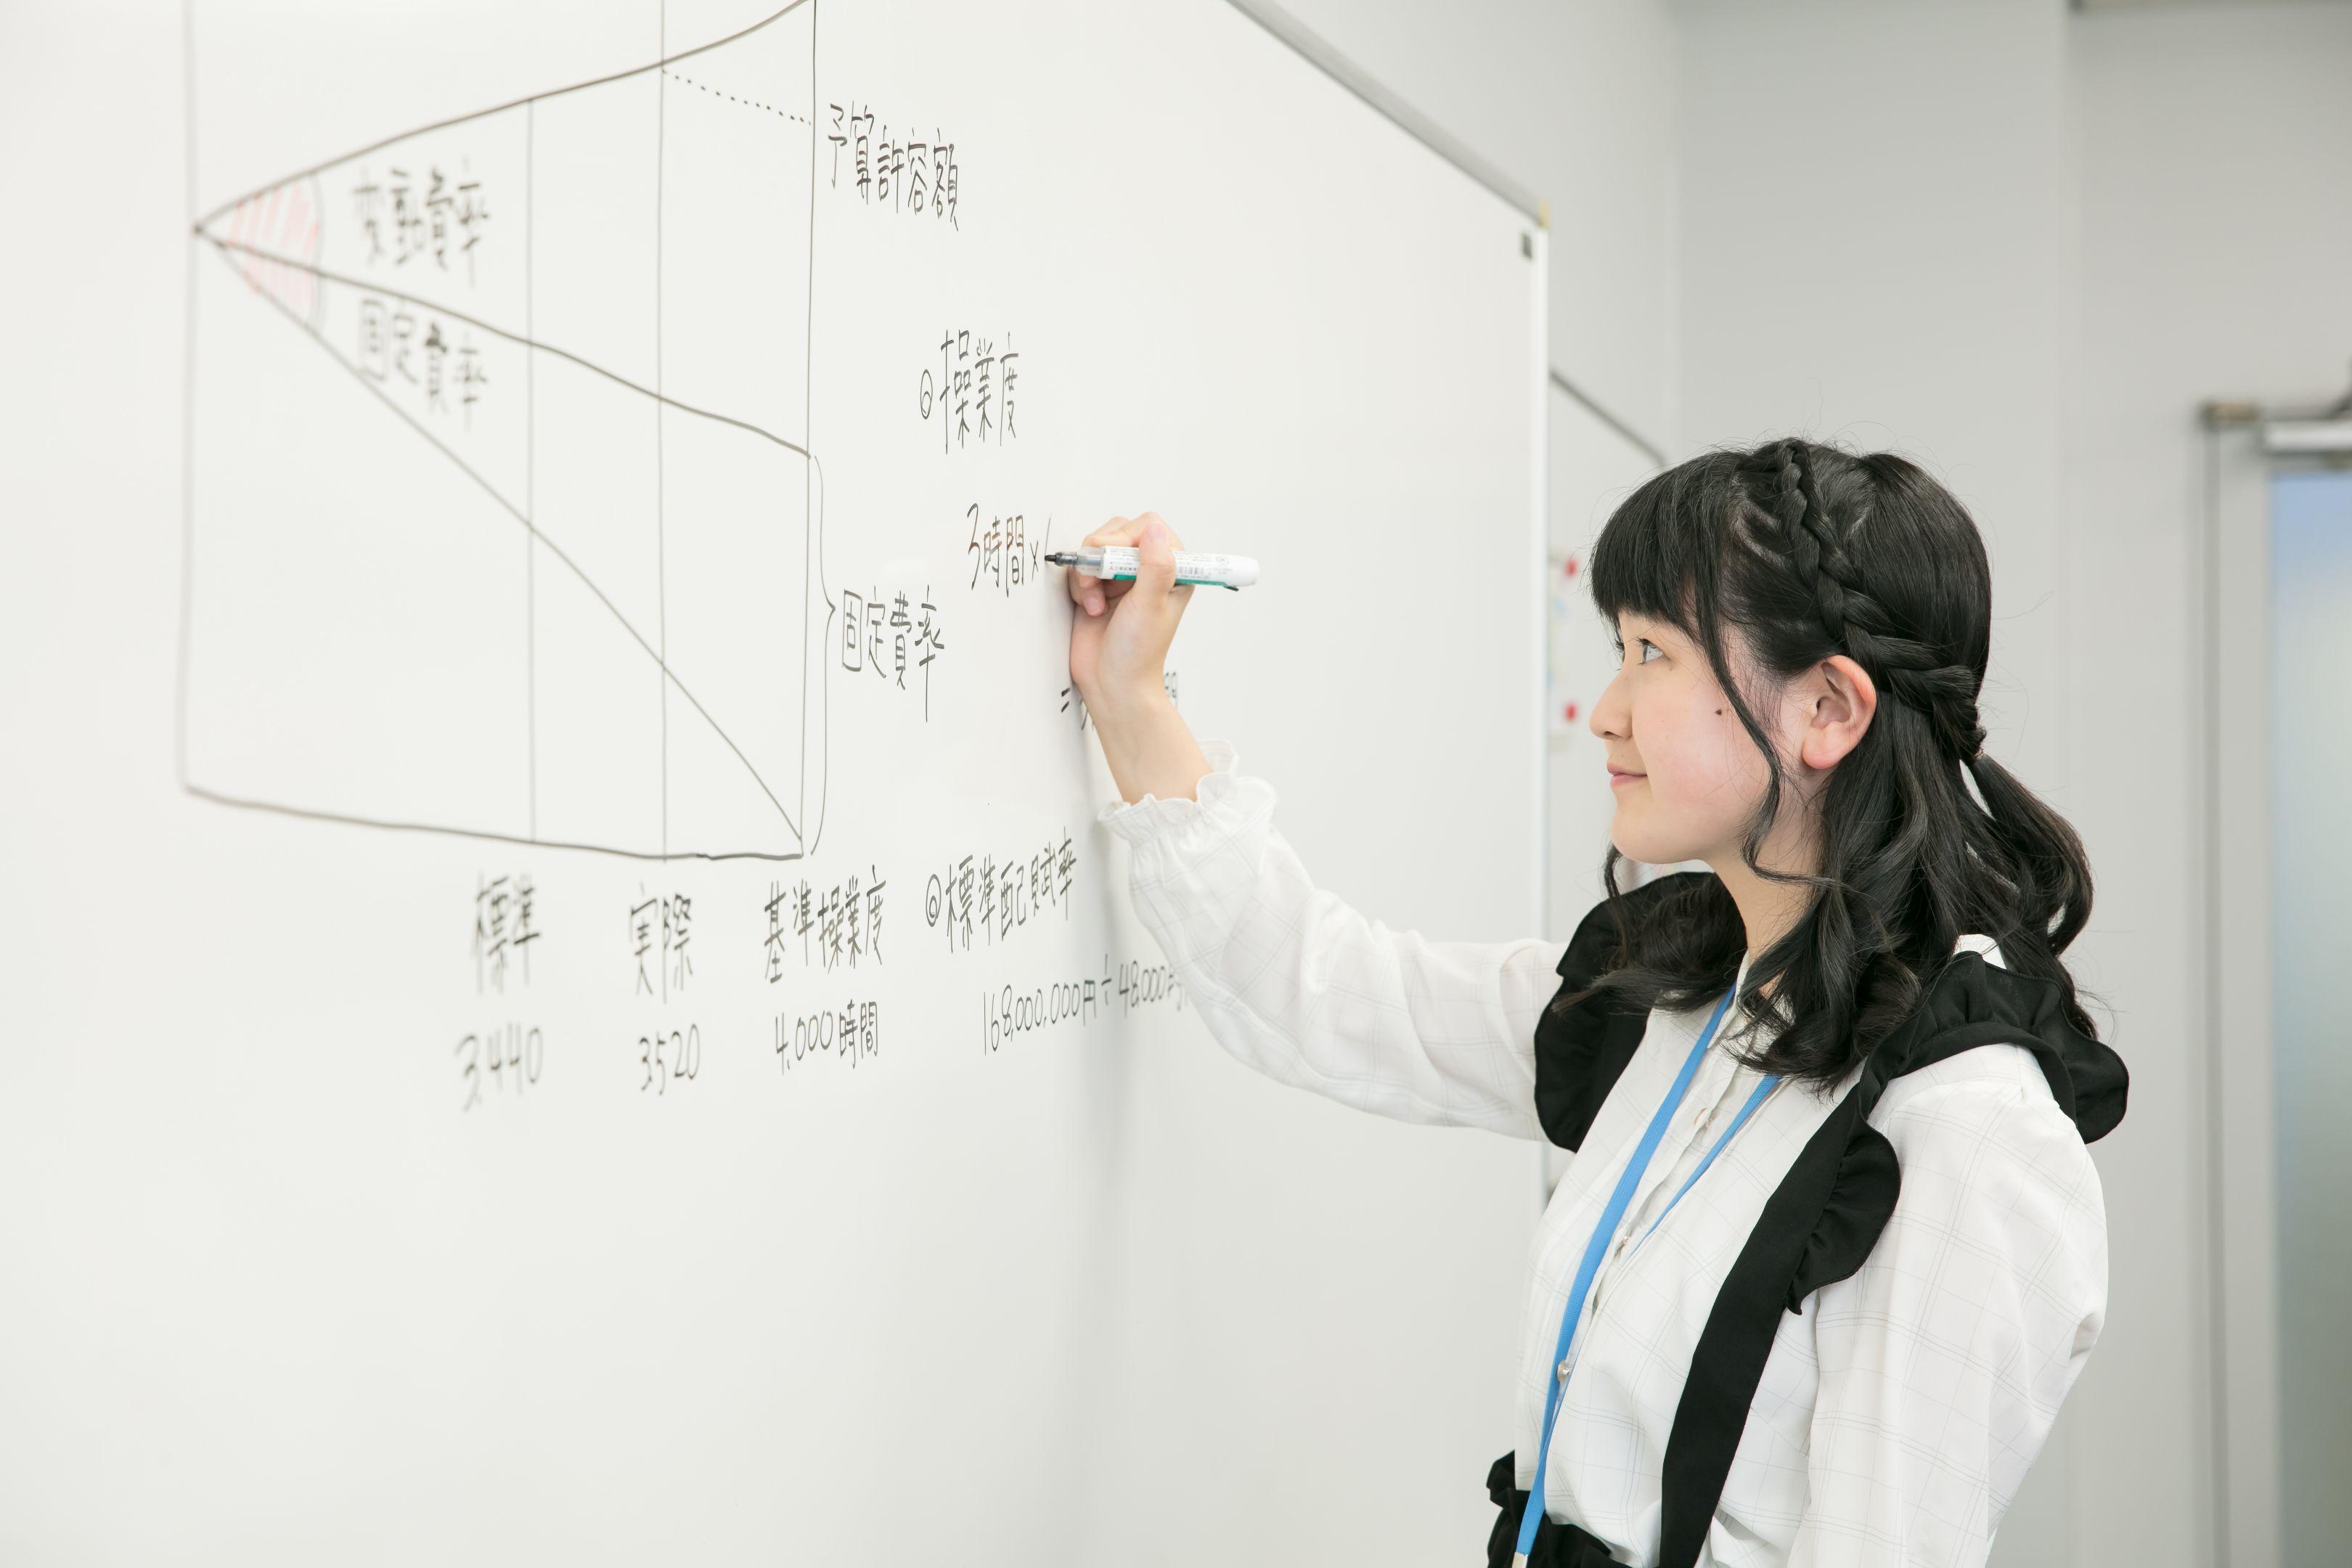 情報ビジネス科授業風景02